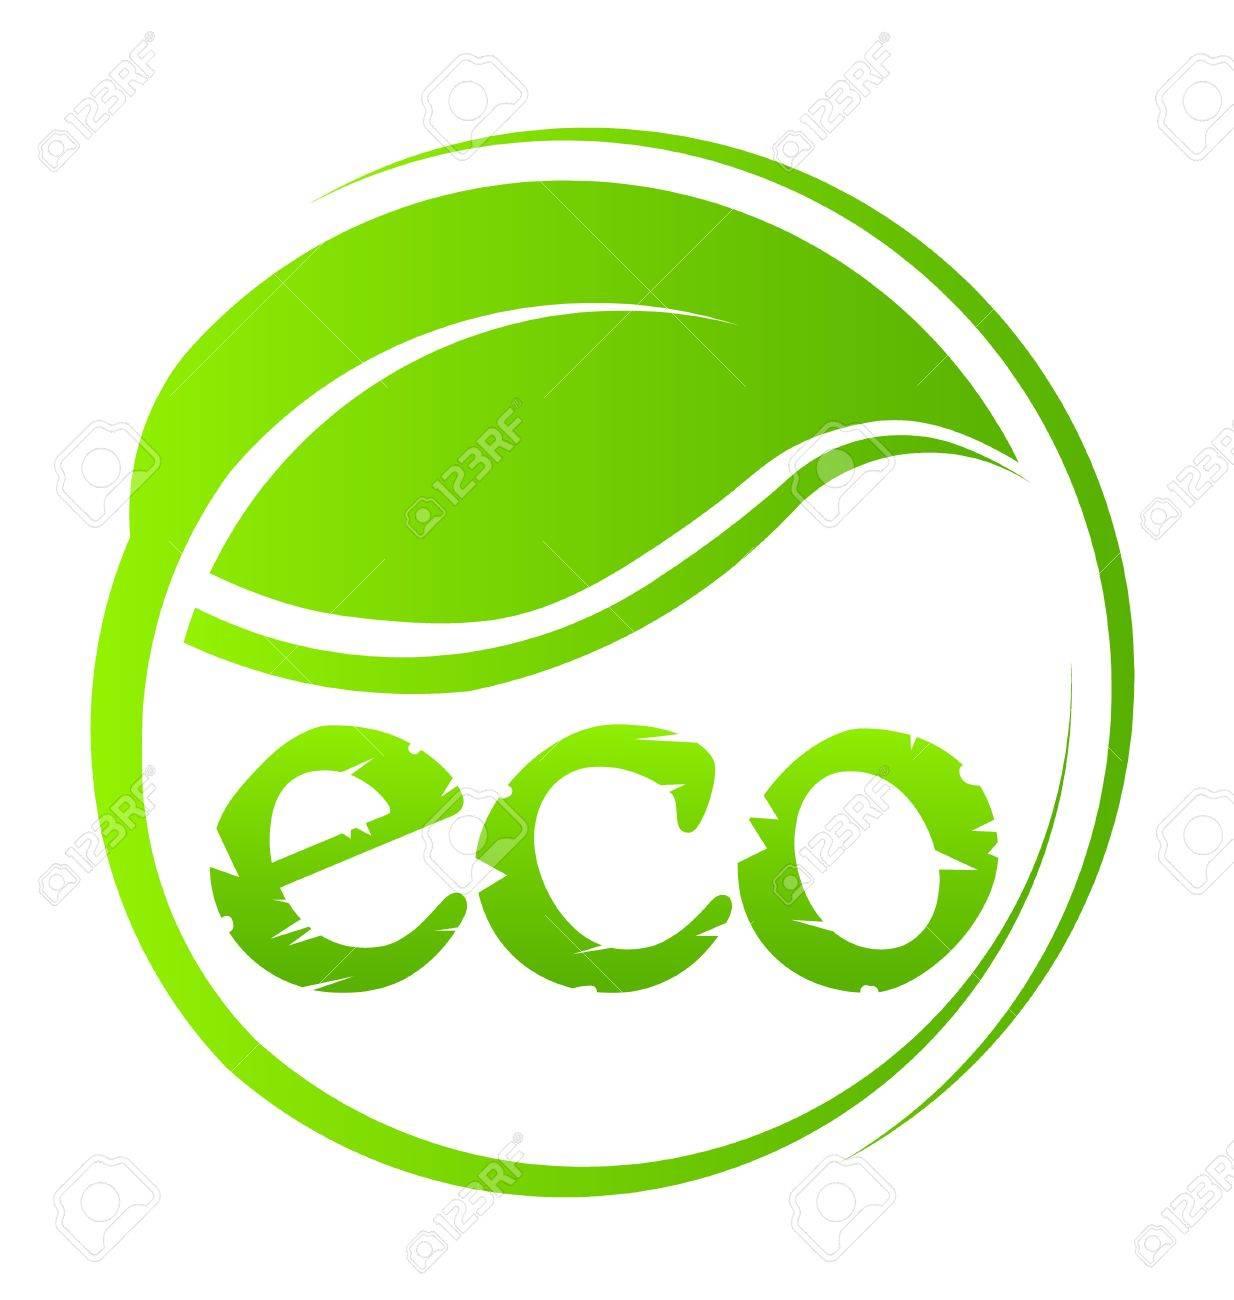 Eco green seal Stock Vector - 18840550